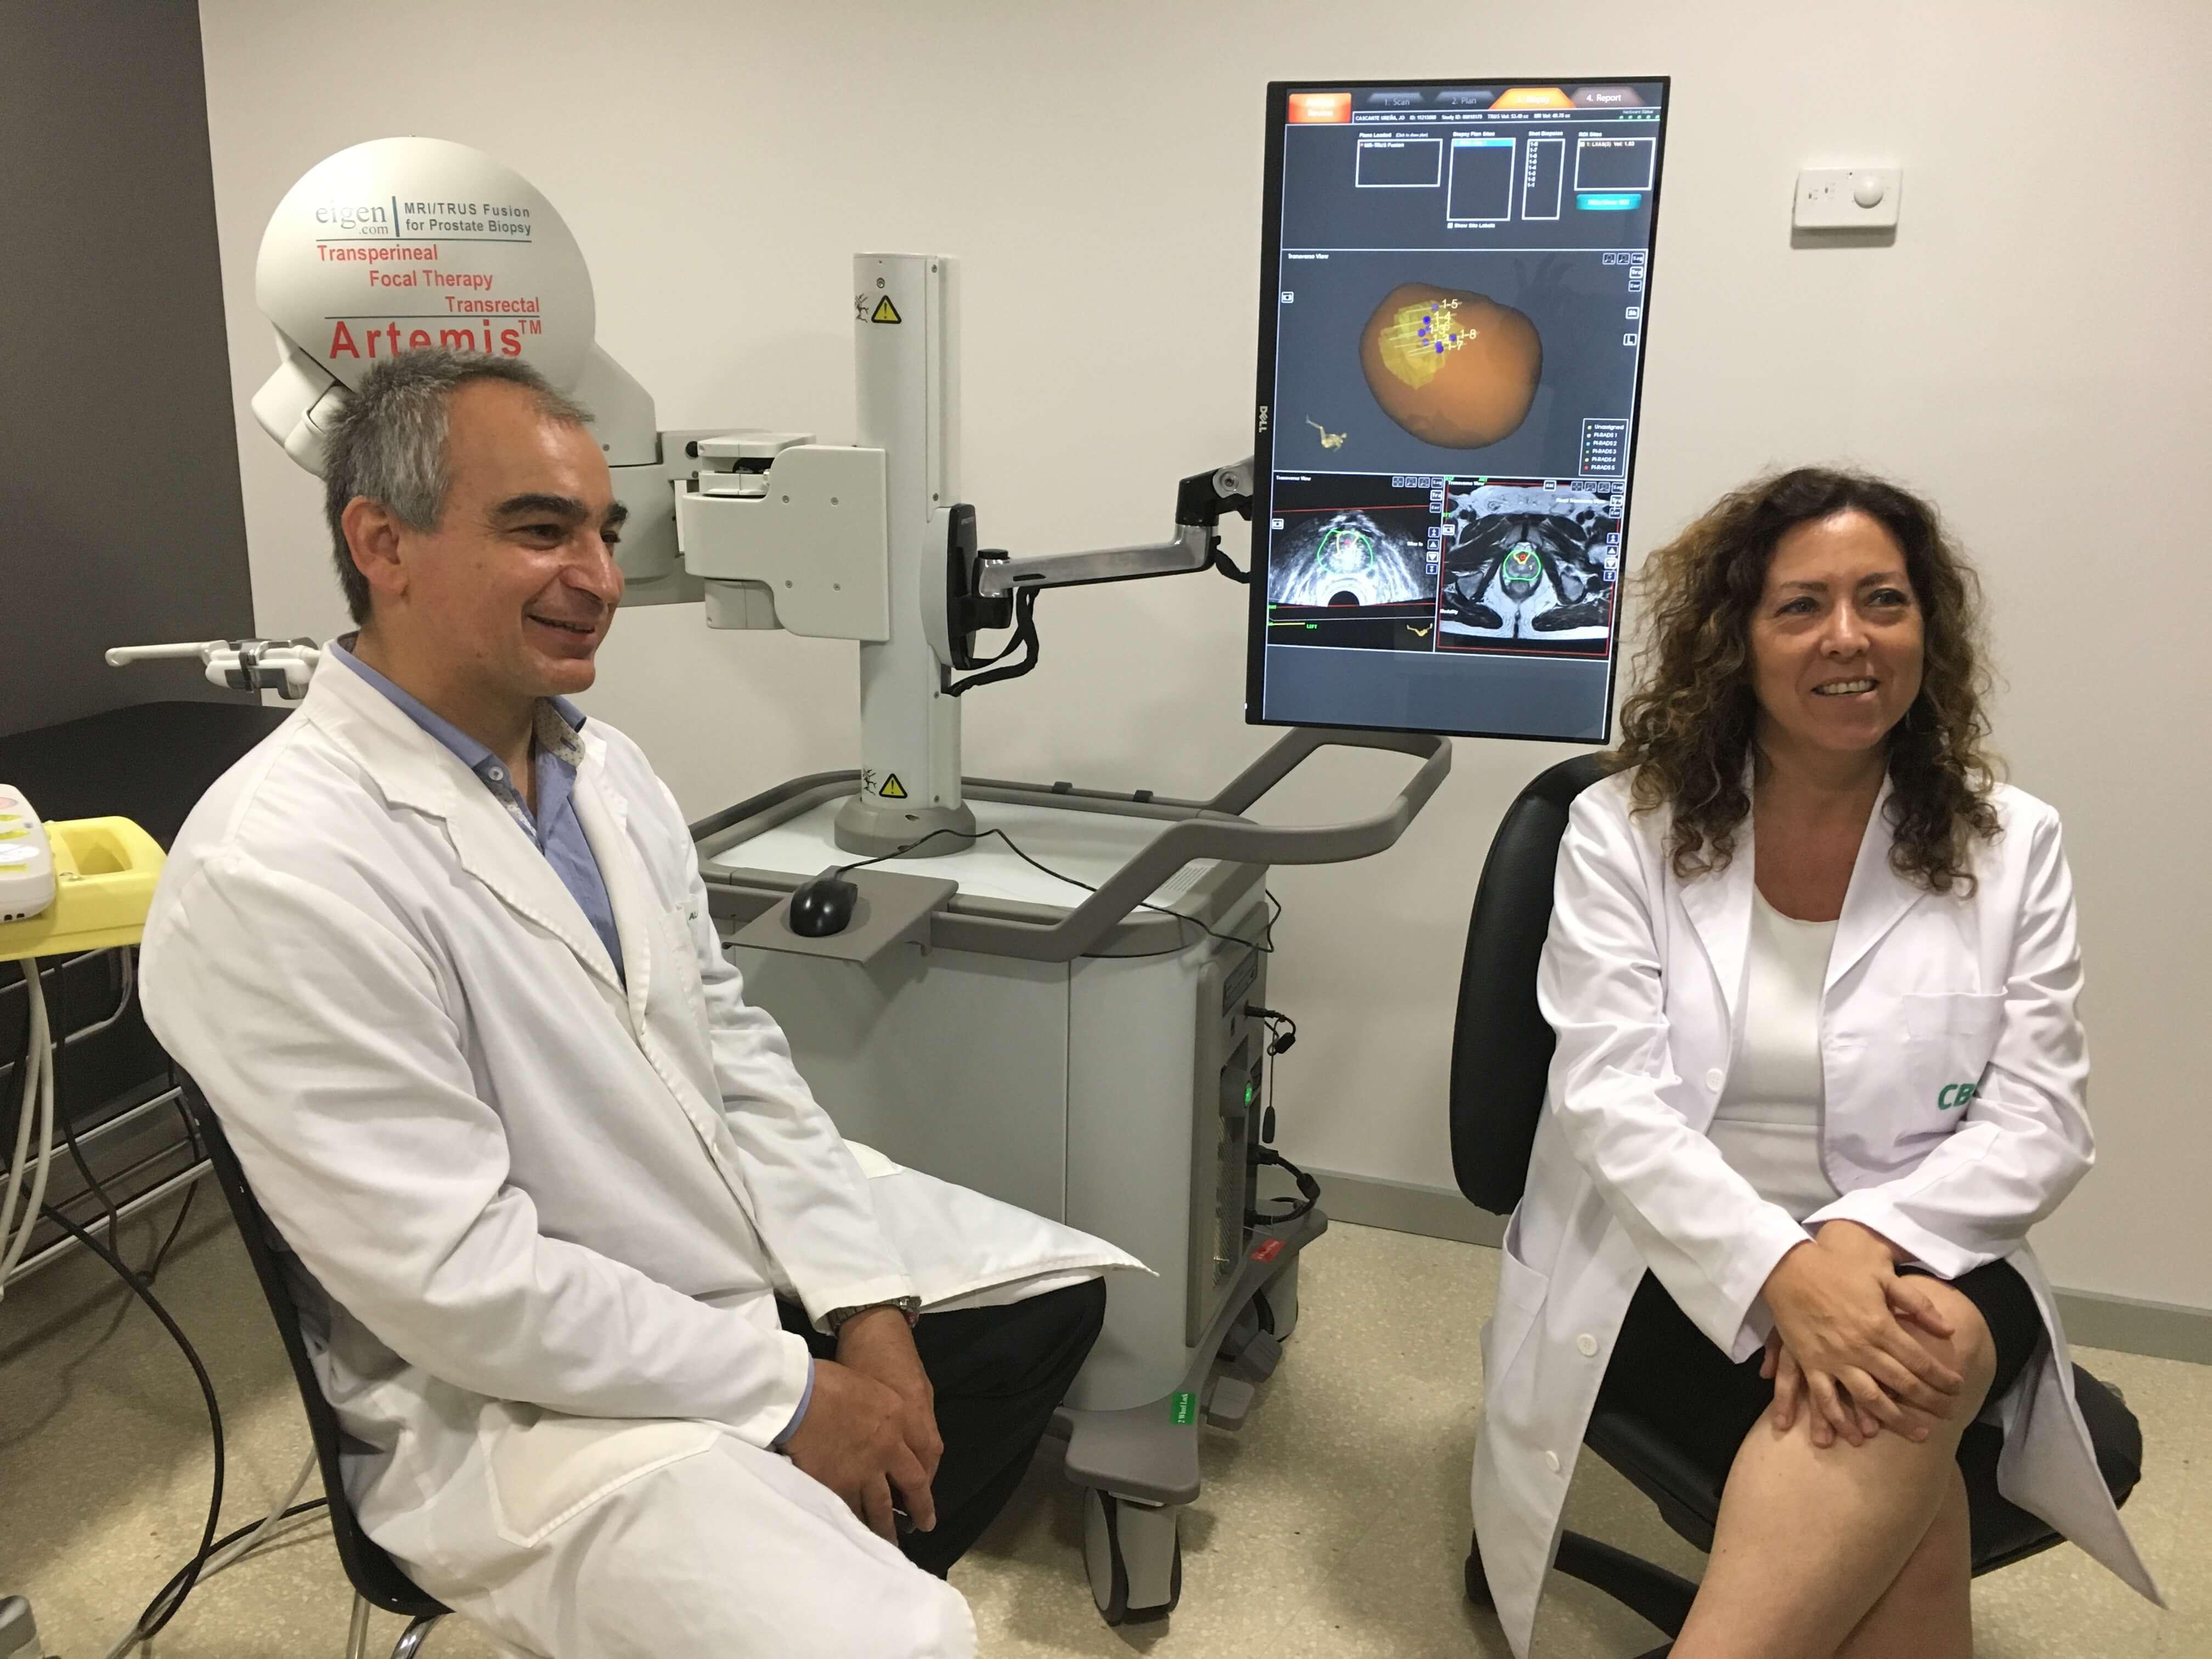 Ventajas del robot ARTEMIS para el diagnóstico del cáncer de próstata